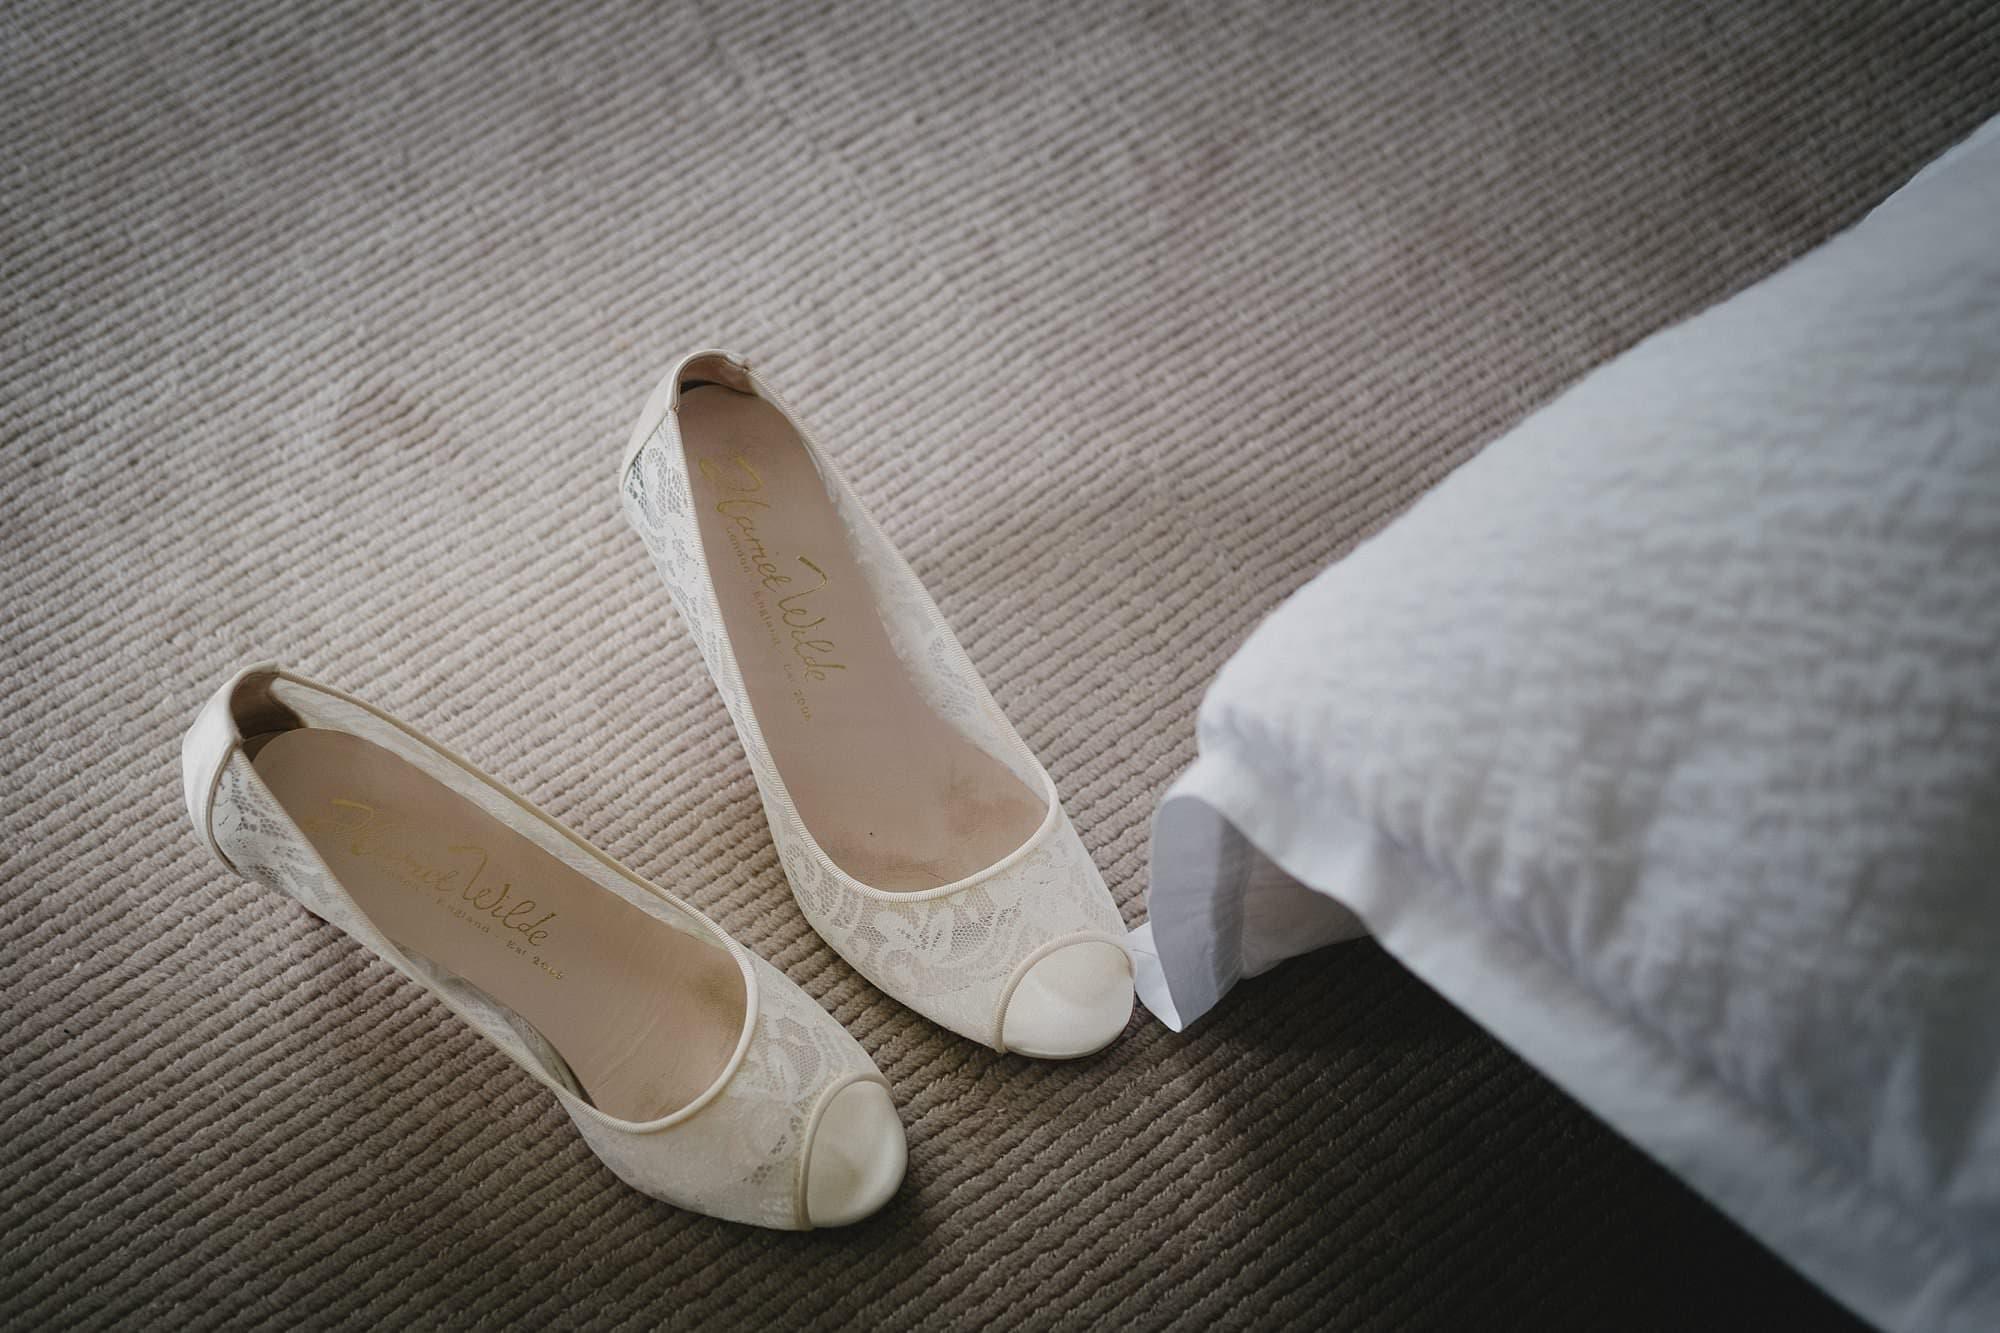 ashtead london wedding photographer 022 - Rachel & Jonny's Ashtead Wedding